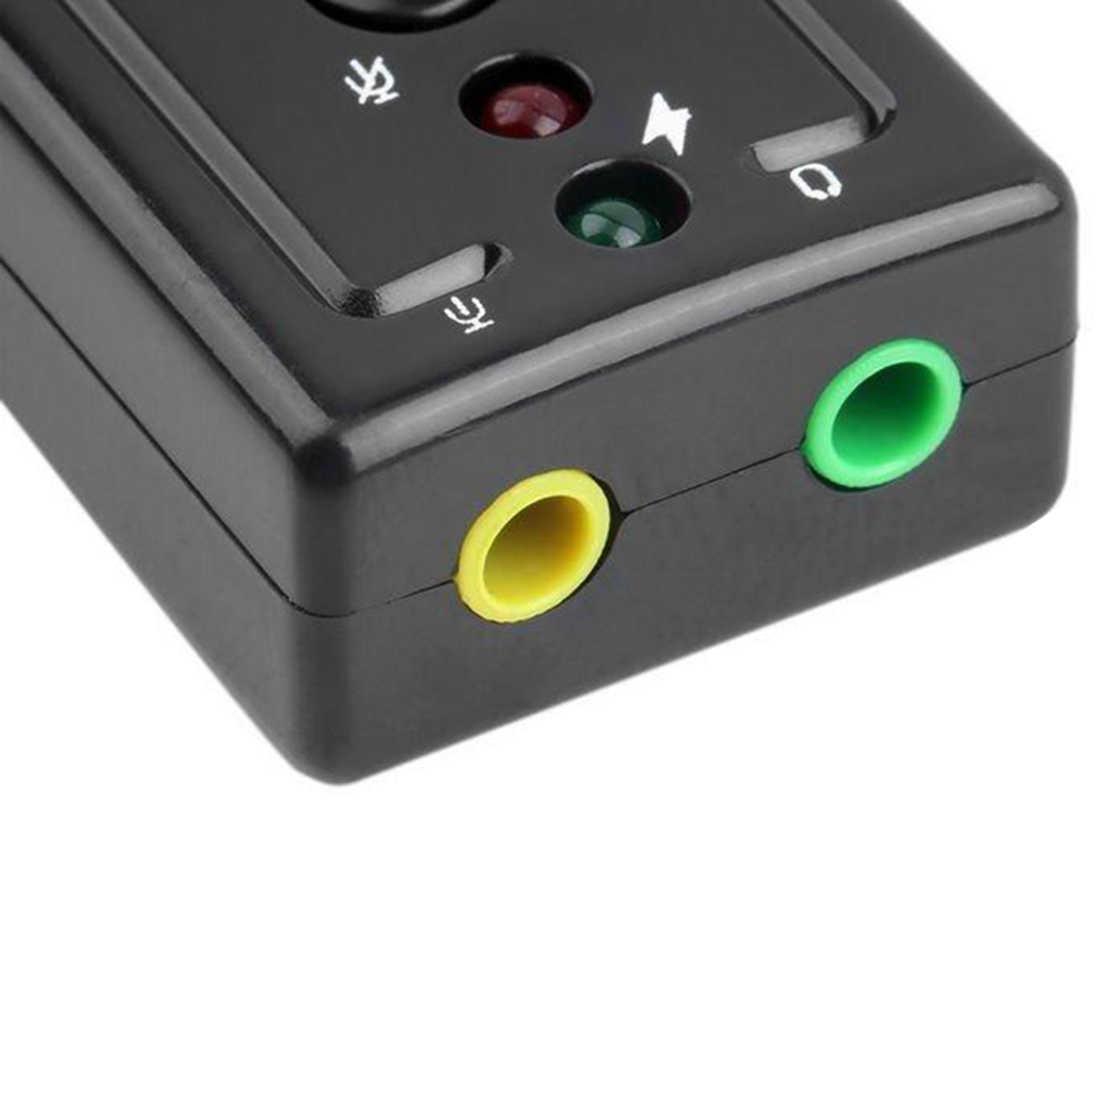 NOYOKERE Горячая продажа Внешняя USB звуковая карта 7,1 канальный 3D аудио адаптер с 3,5 мм гарнитура микрофон для ПК настольного ноутбука